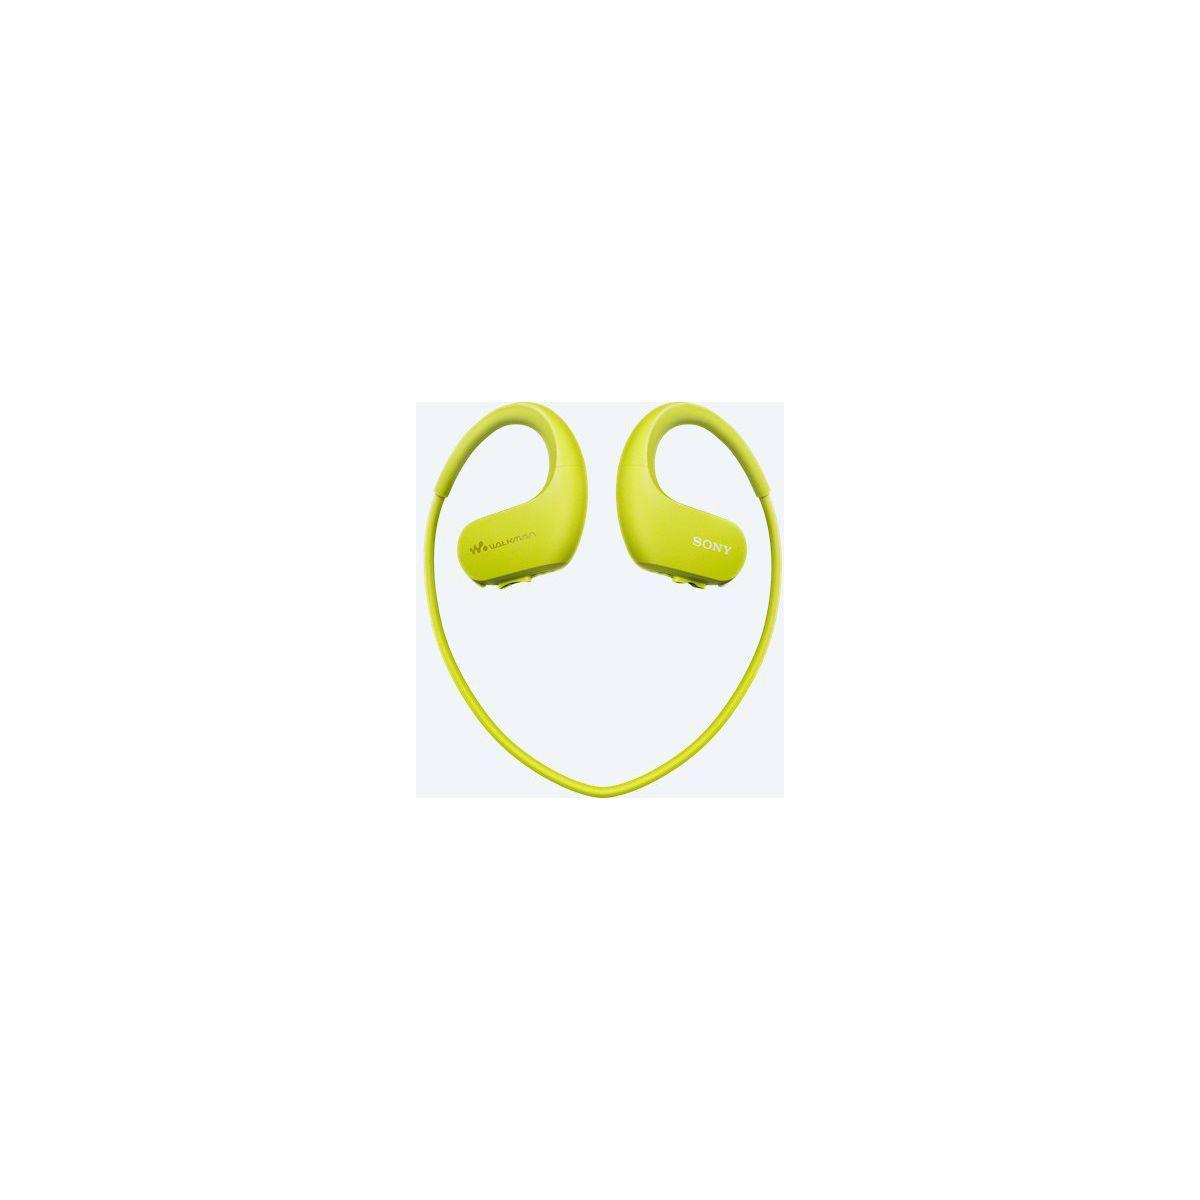 Baladeur mp3 sony nwws413g 4go vert etanche - soldes et bonnes affaires à prix imbattables